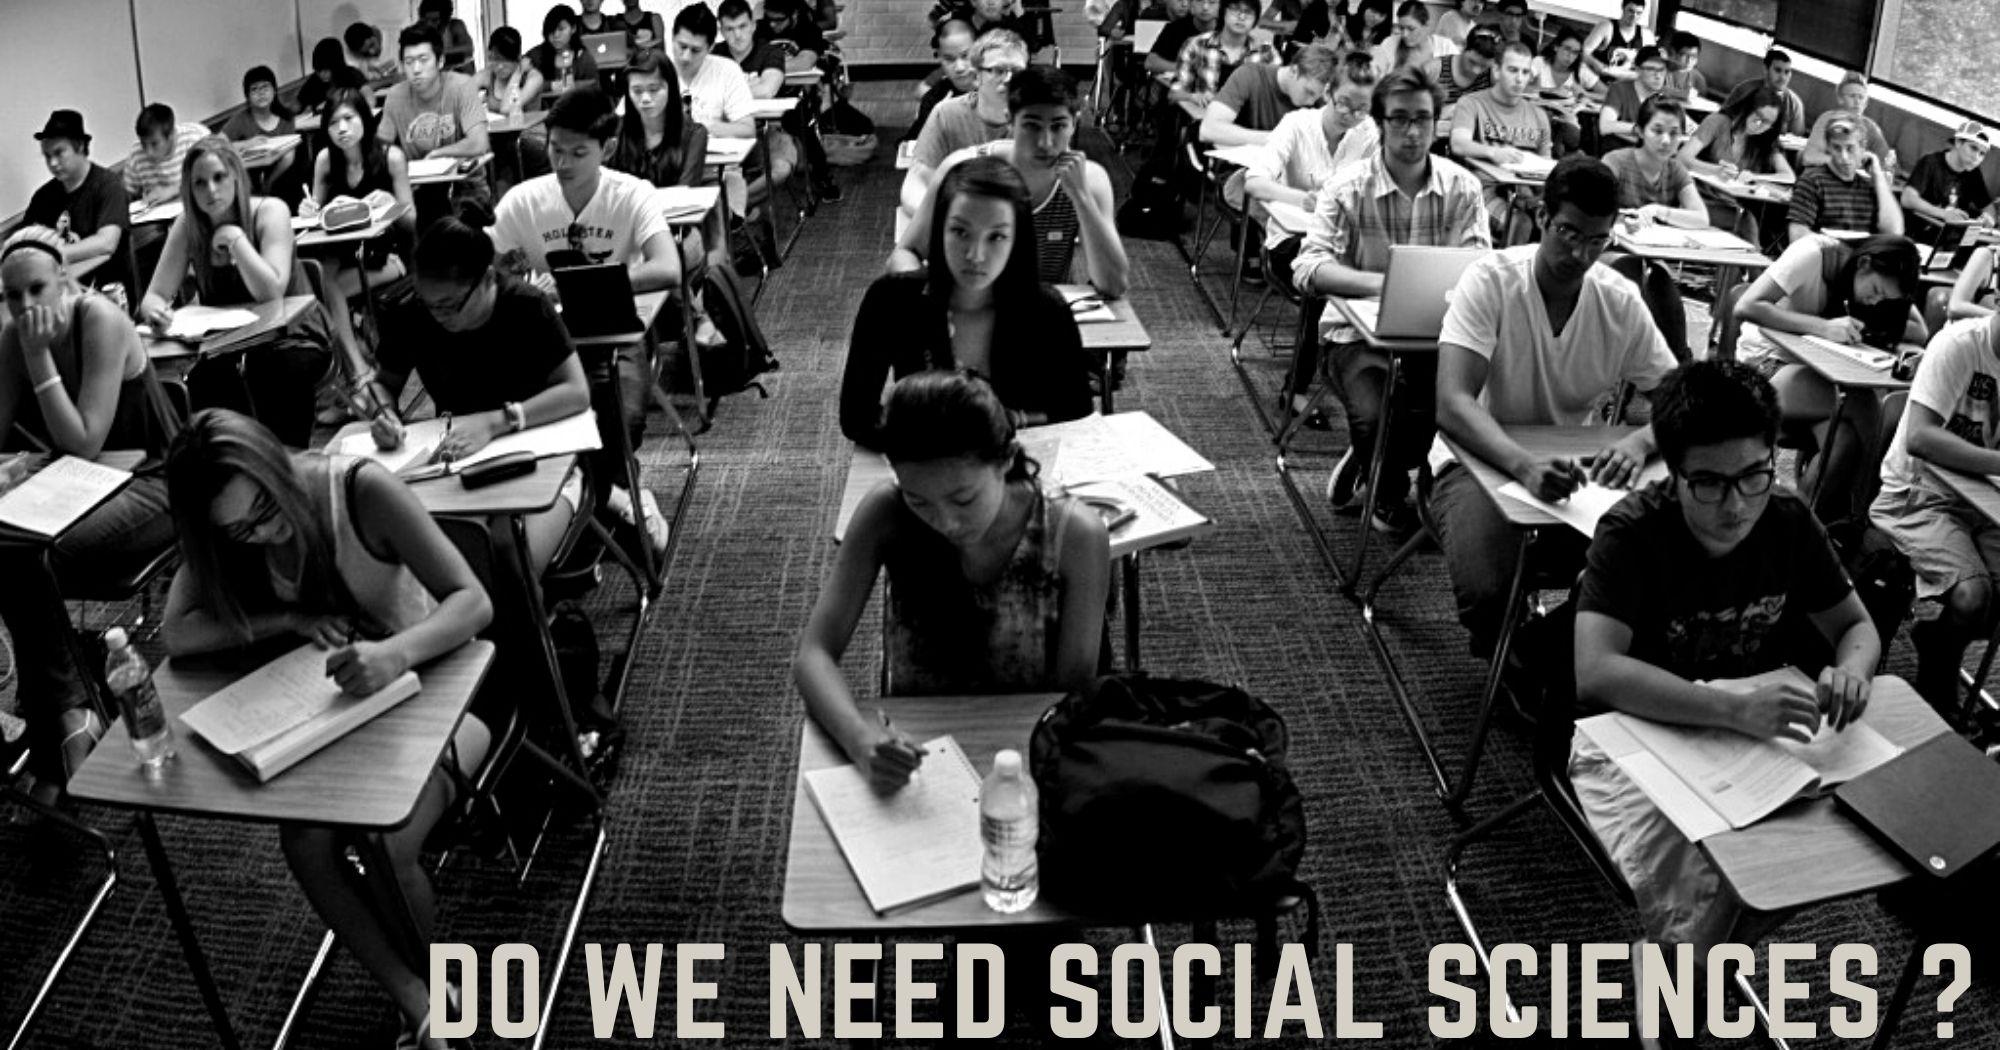 Ο Ηλίας Καραβόλιας θέτει έναν σοβαρό προβληματισμό. Να καταργήσουμε τις εξετάσεις στη Κοινωνιολογία; Μια από τις ερωτήσεις που έπεσε στις φετινές Πανελλήνιες στο μάθημα, ήταν η εξής: